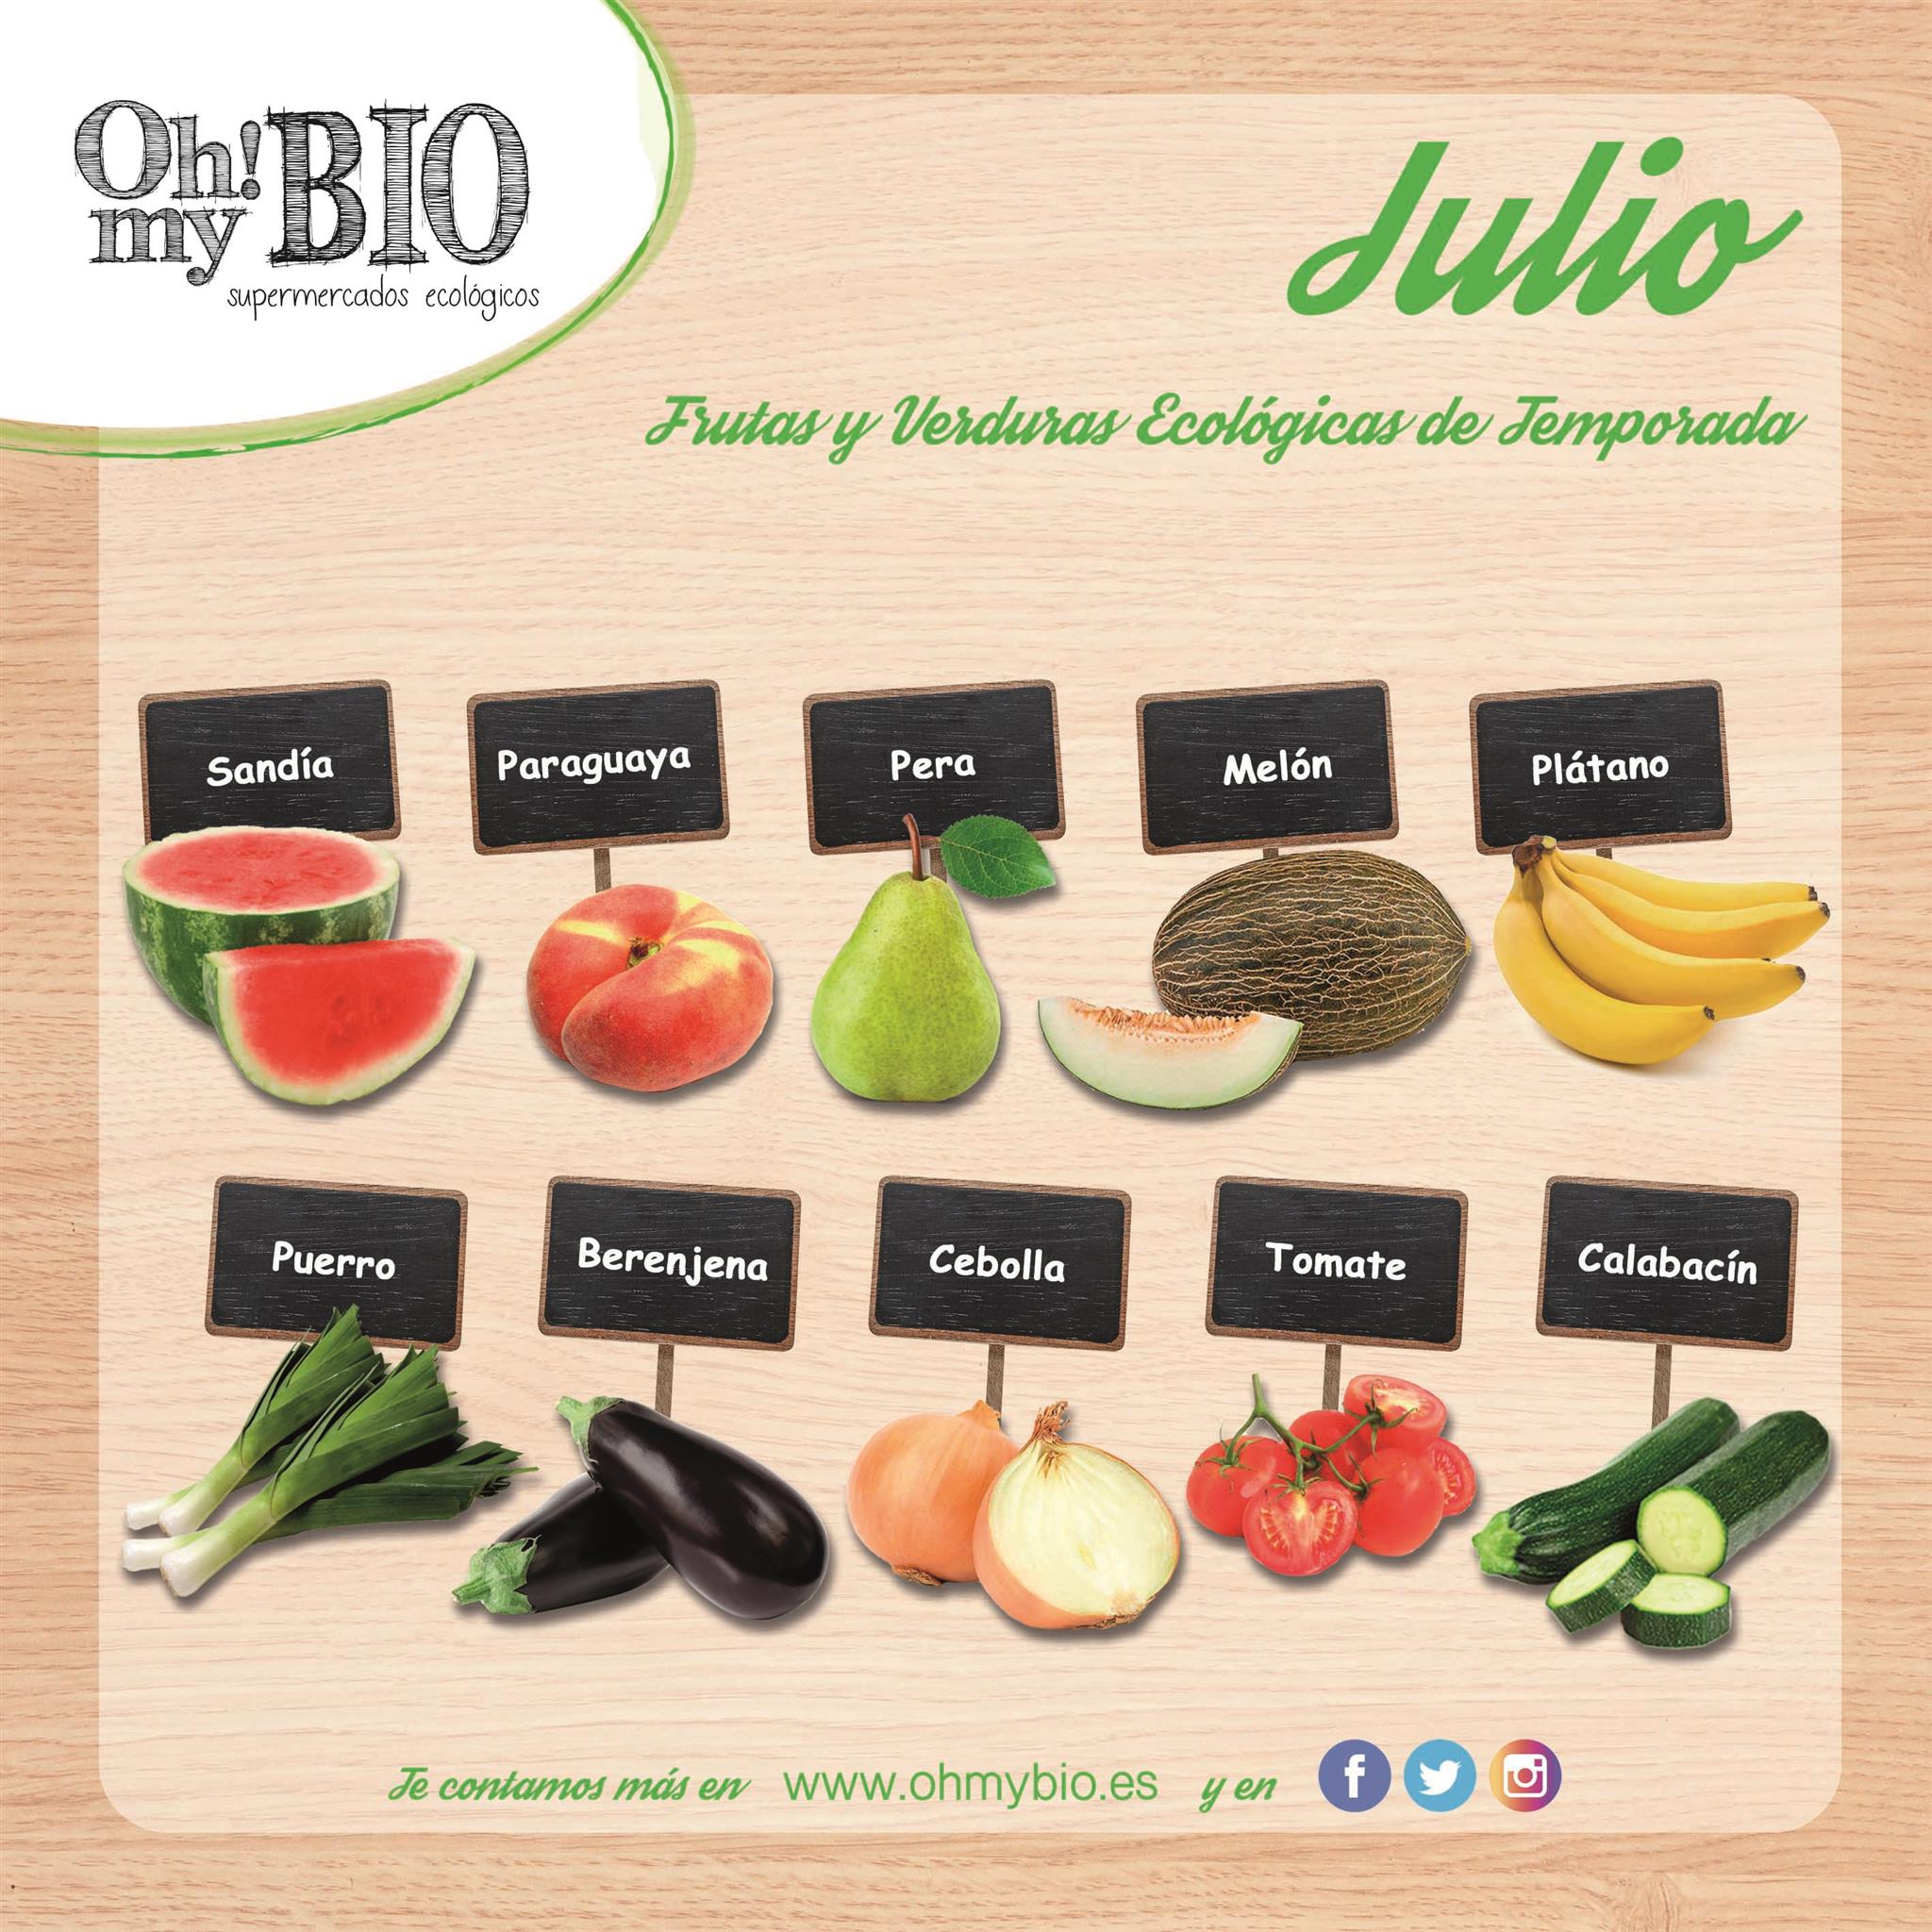 Frutas y verduras de temporada de julio